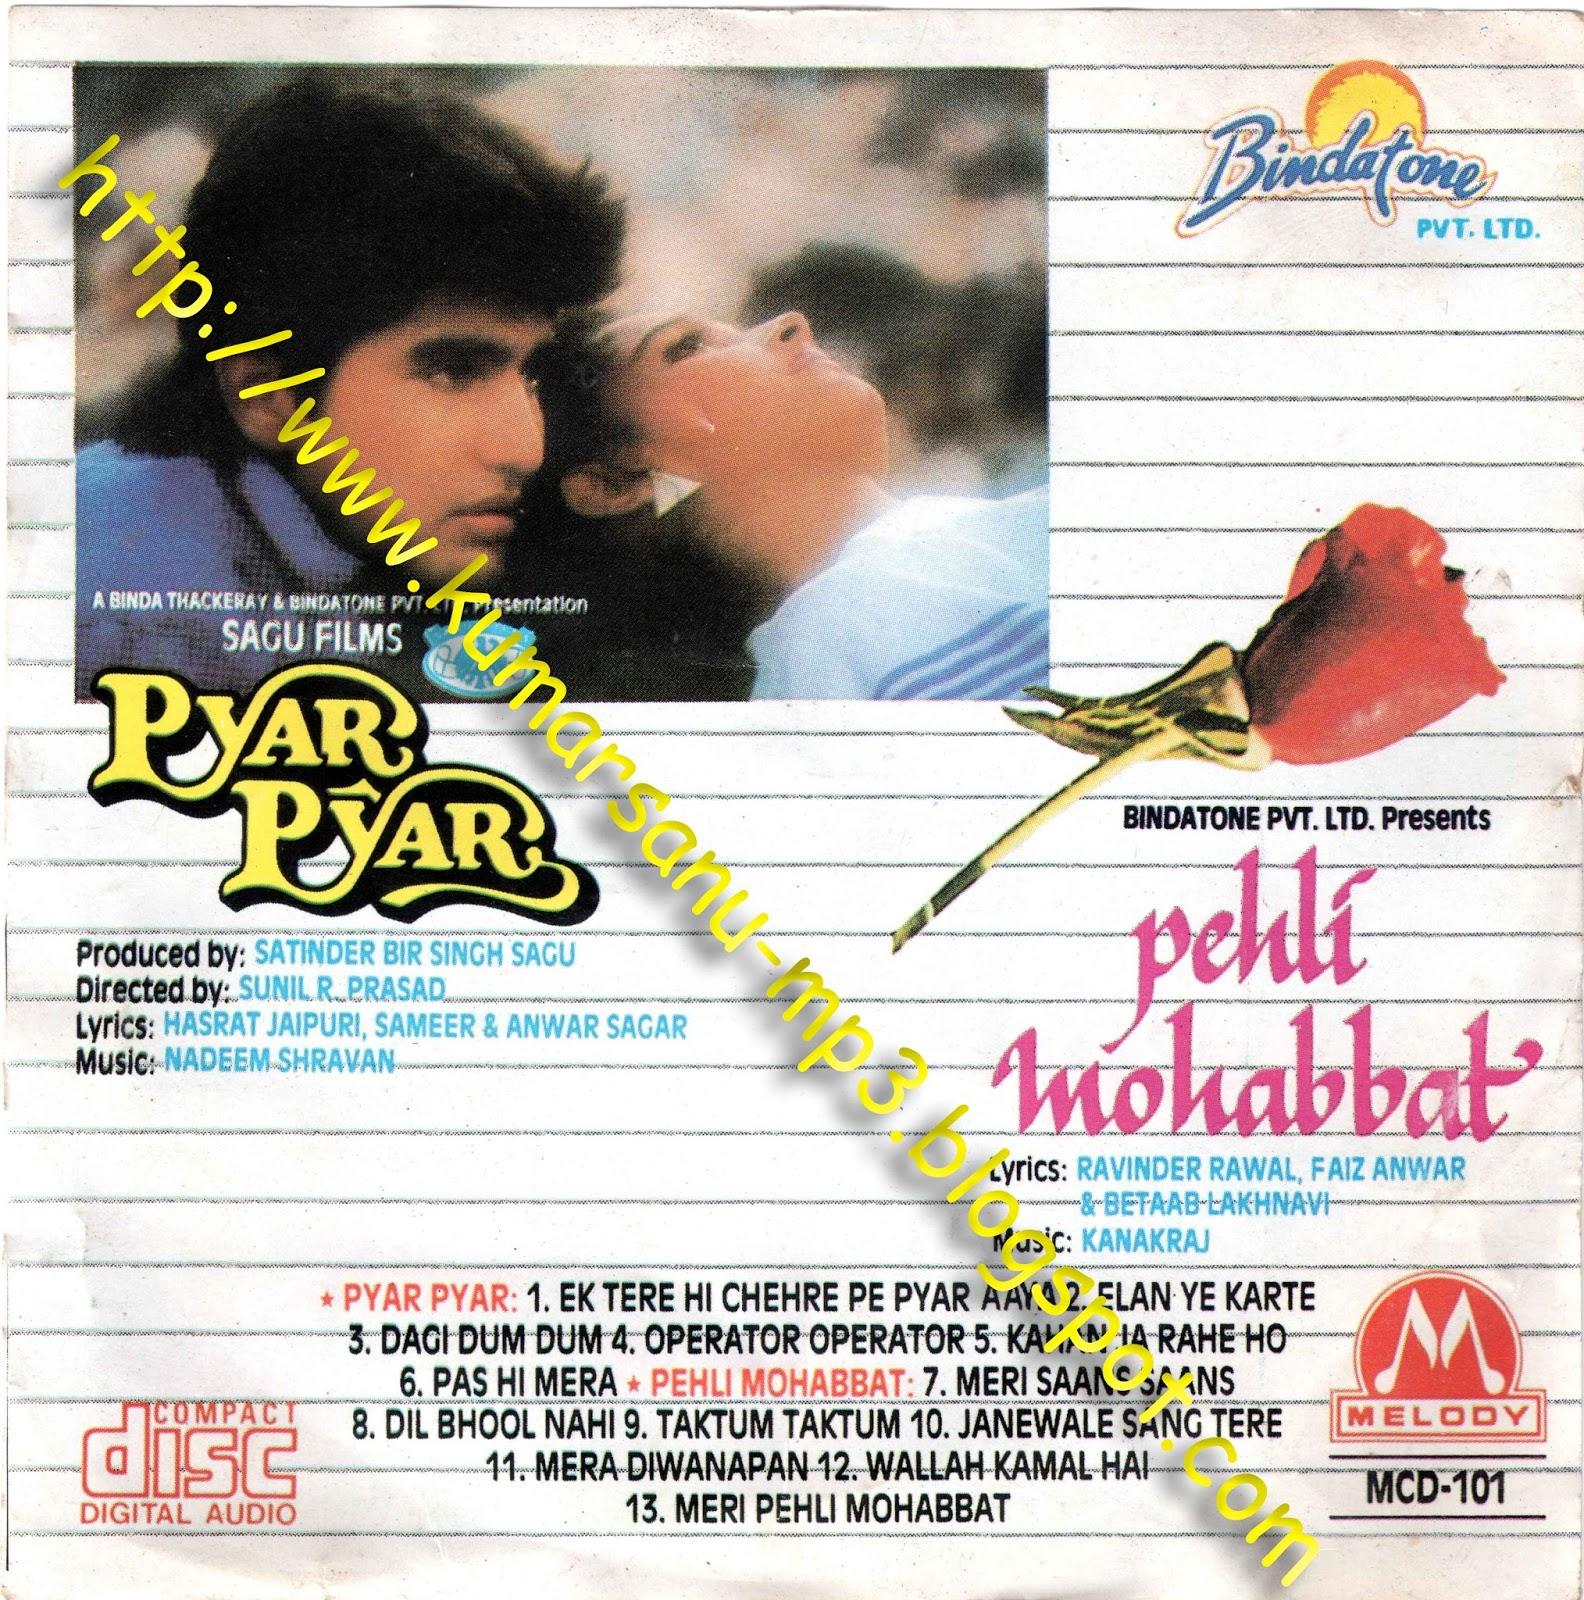 Pehli Mulakat Song Rohanpreet Mp3: Pehli Mohabbat (1993) Original